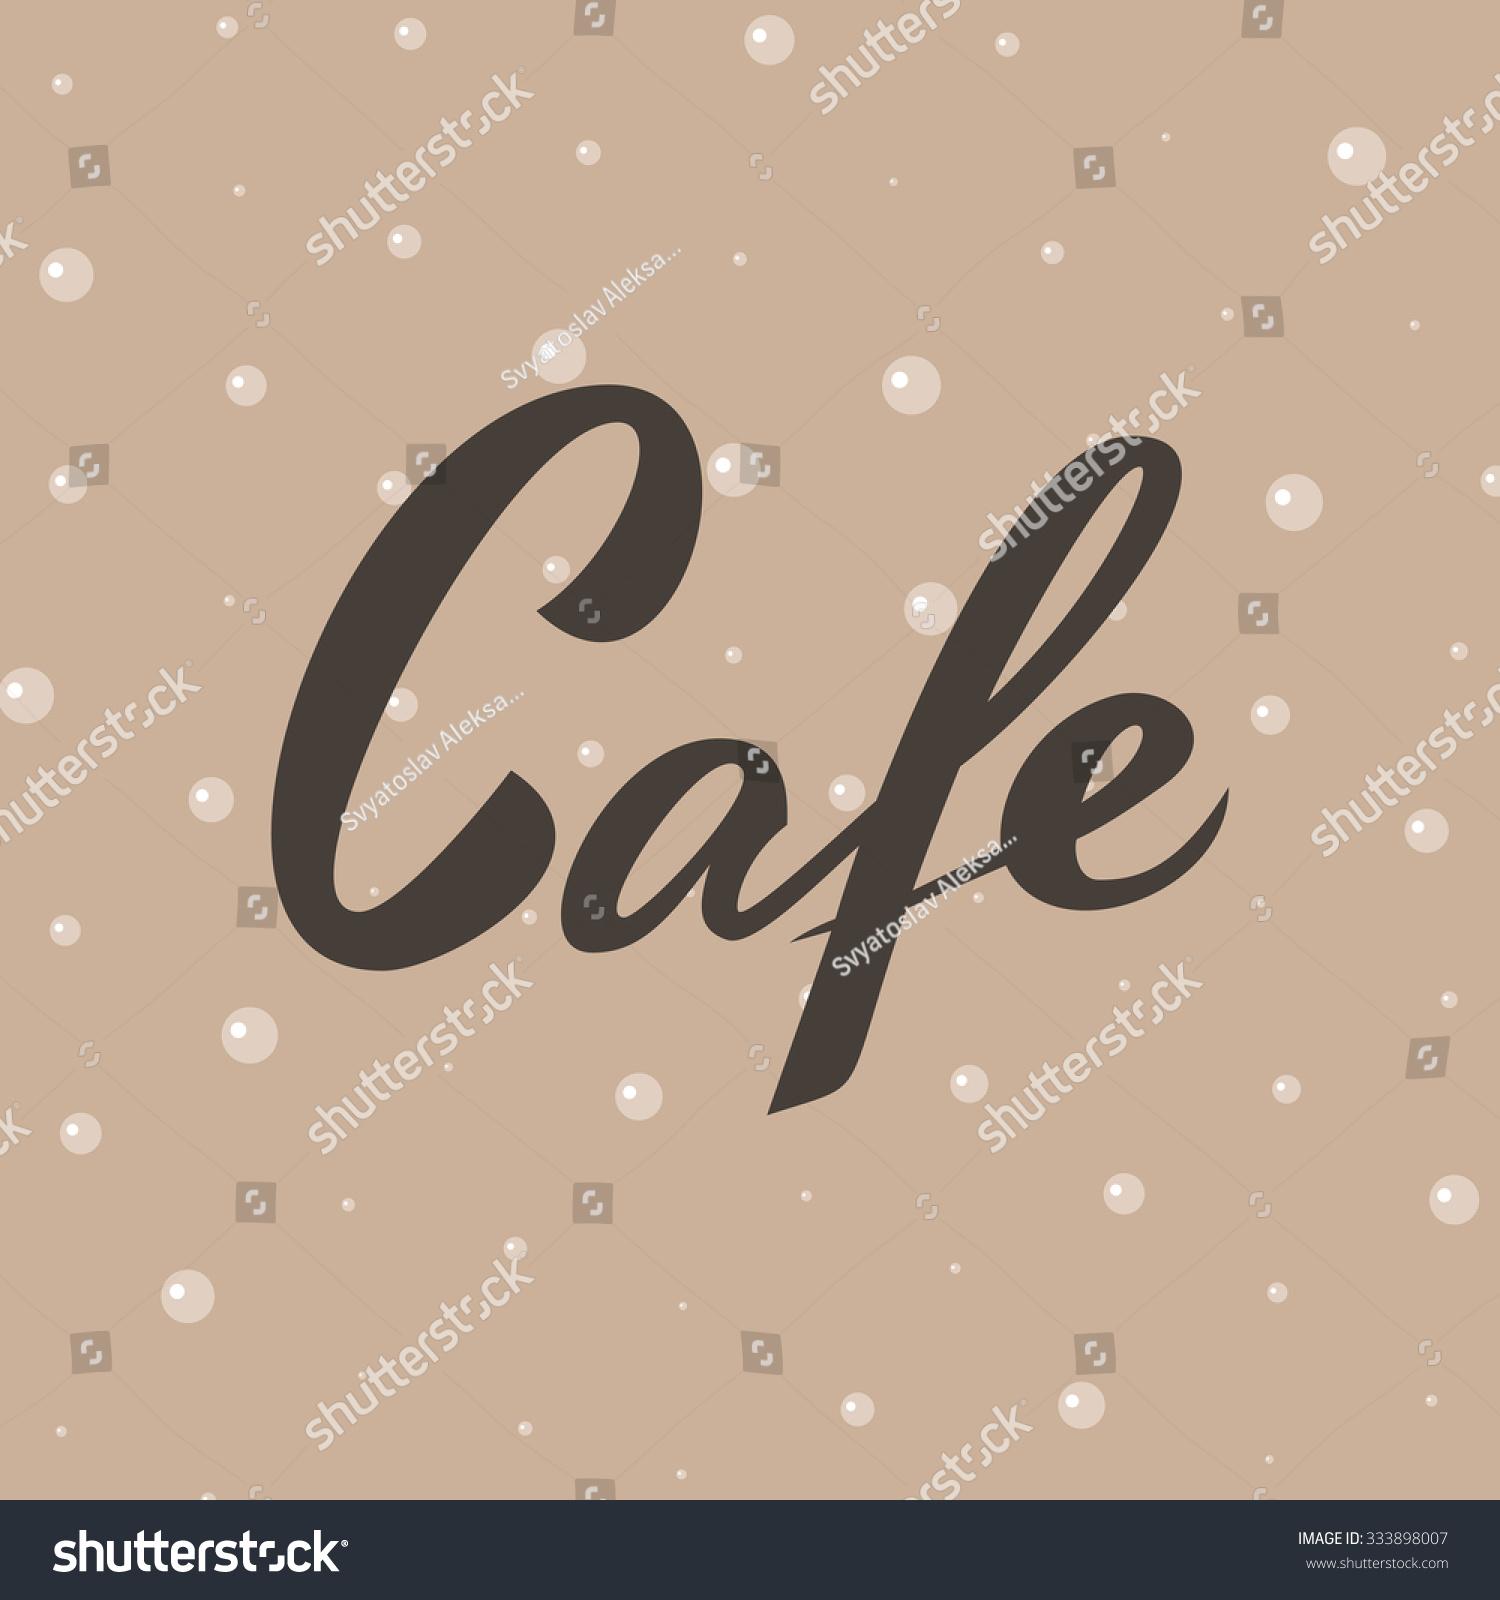 cafe word elegant lettering shop bar stock illustration 333898007